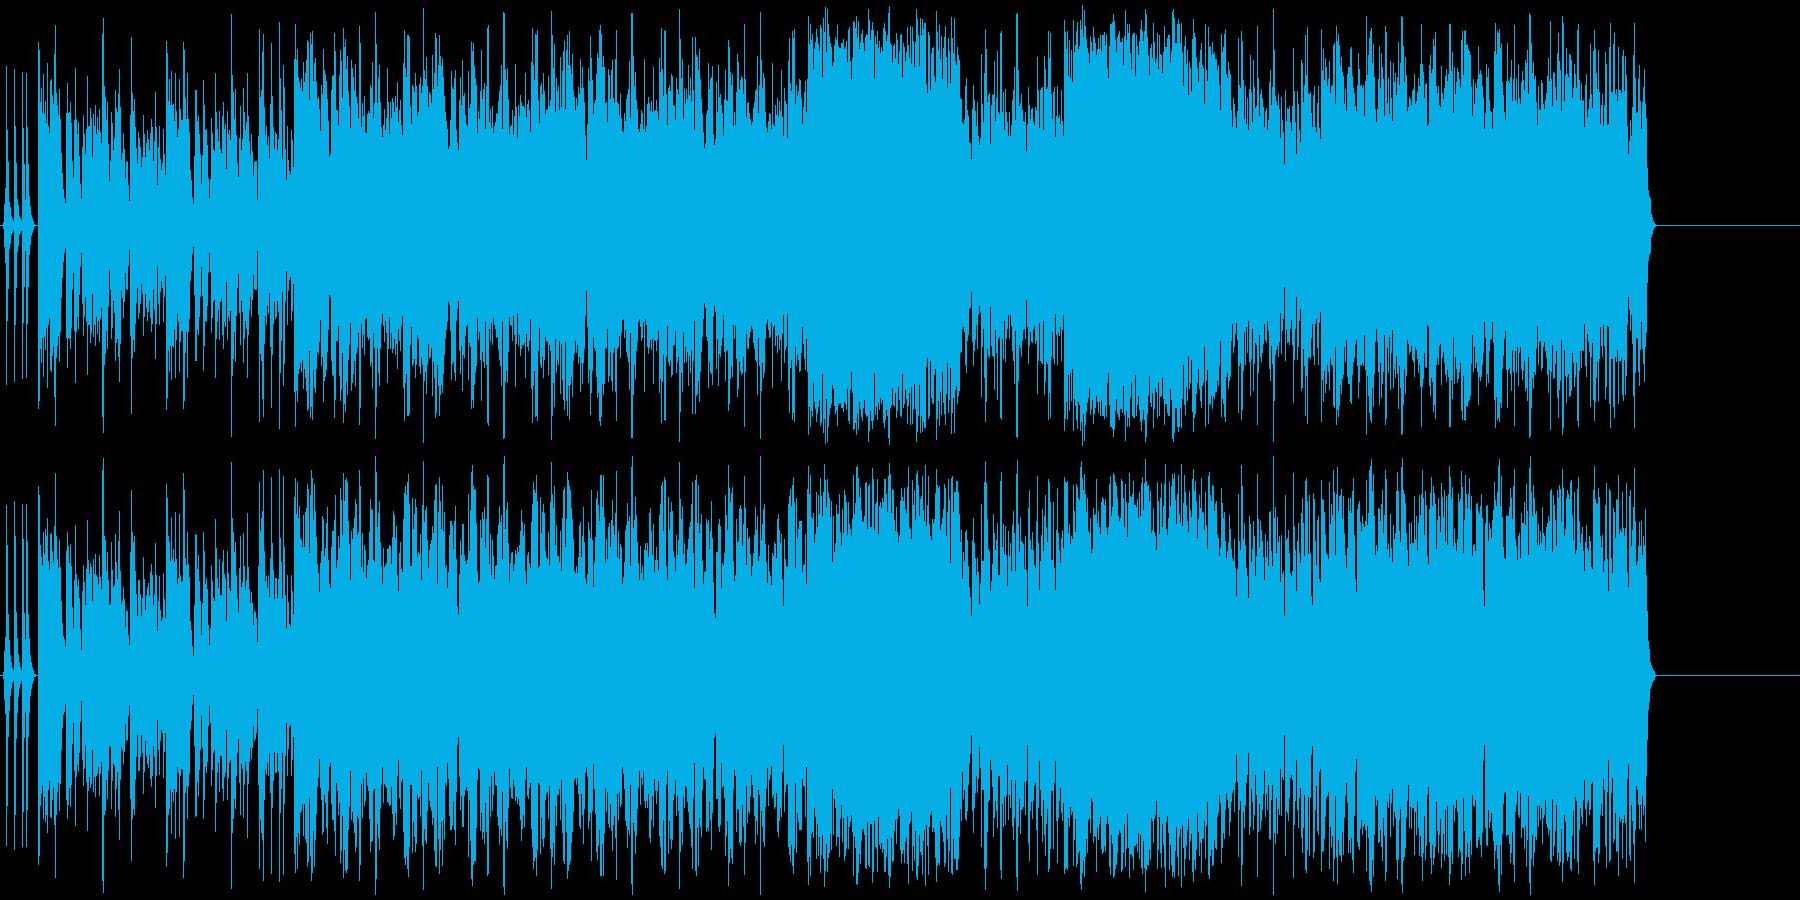 フルートとクラビネットが印象的なポップの再生済みの波形